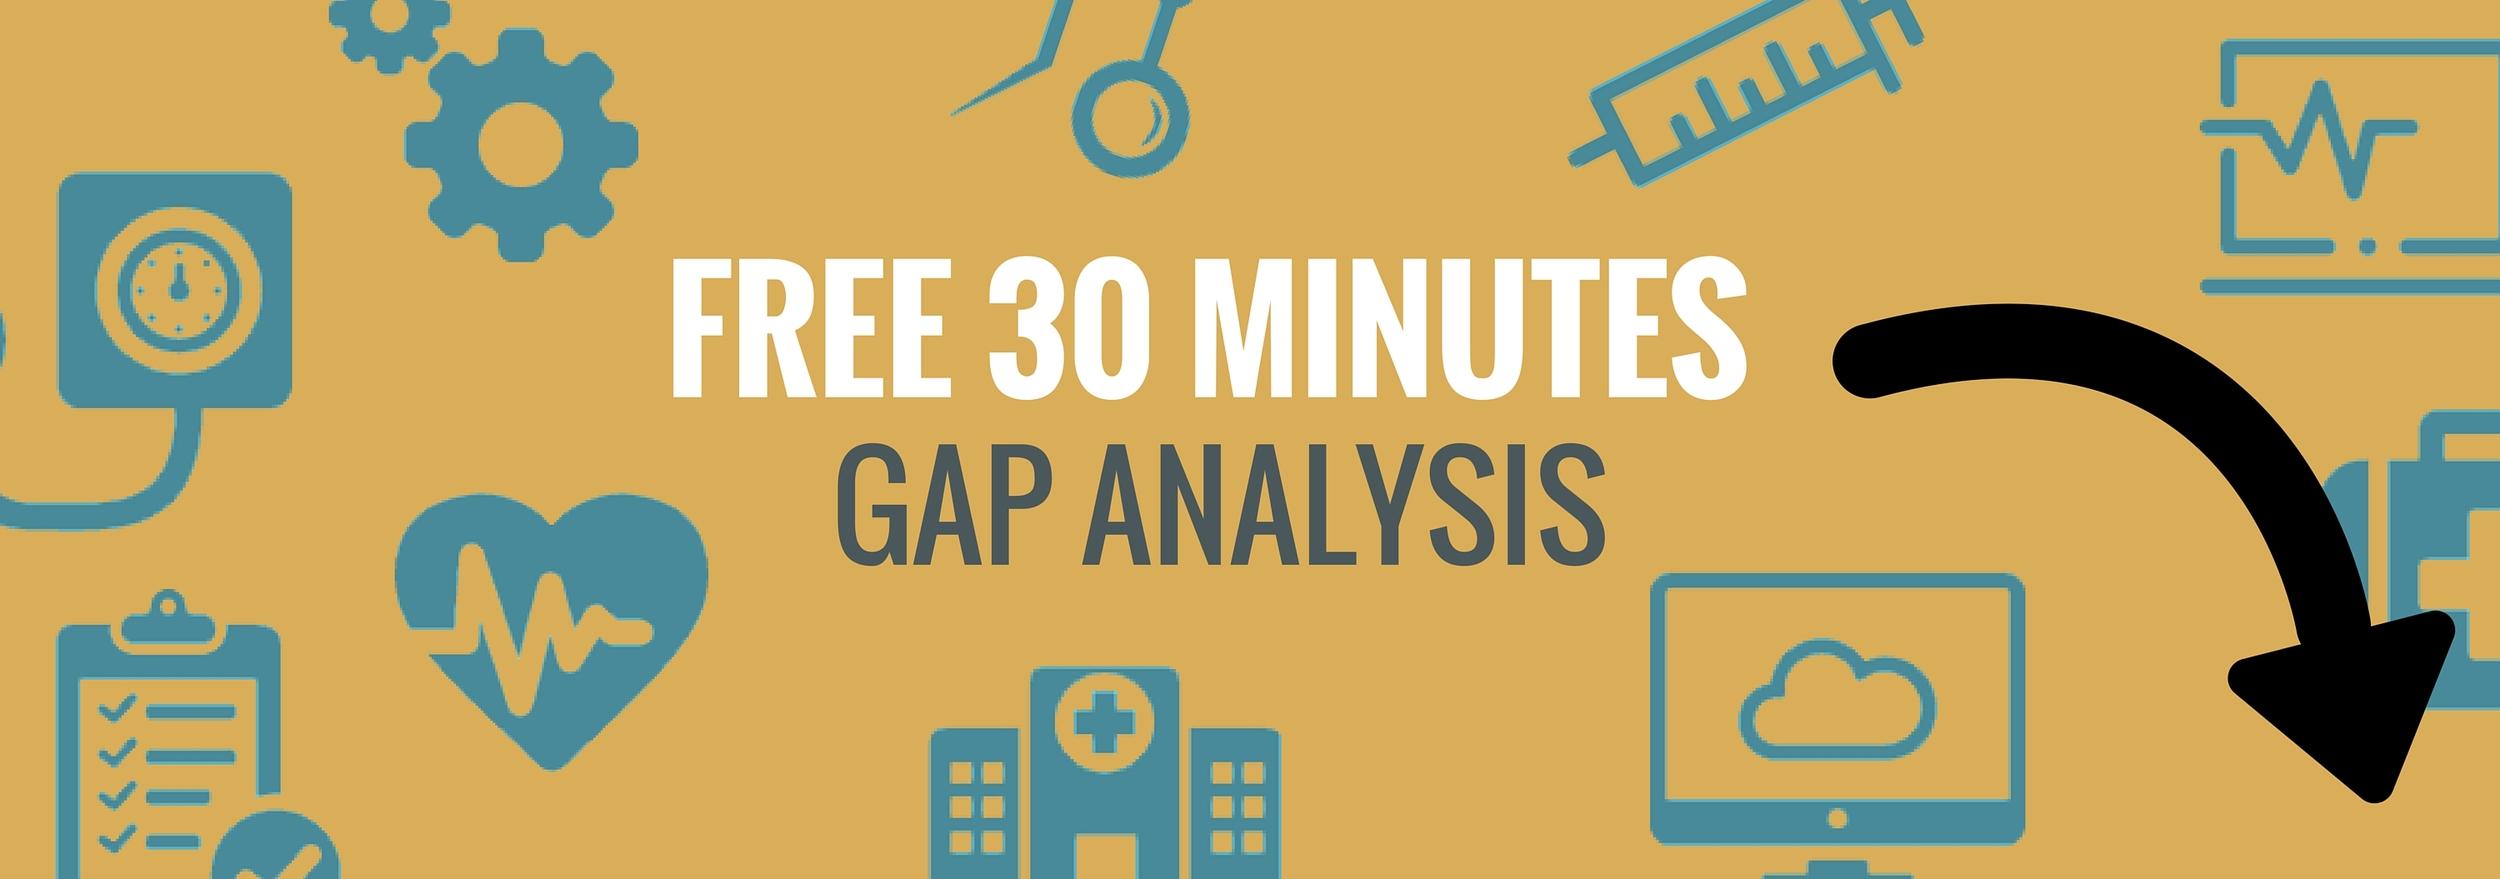 free 30 minutes gap analysis